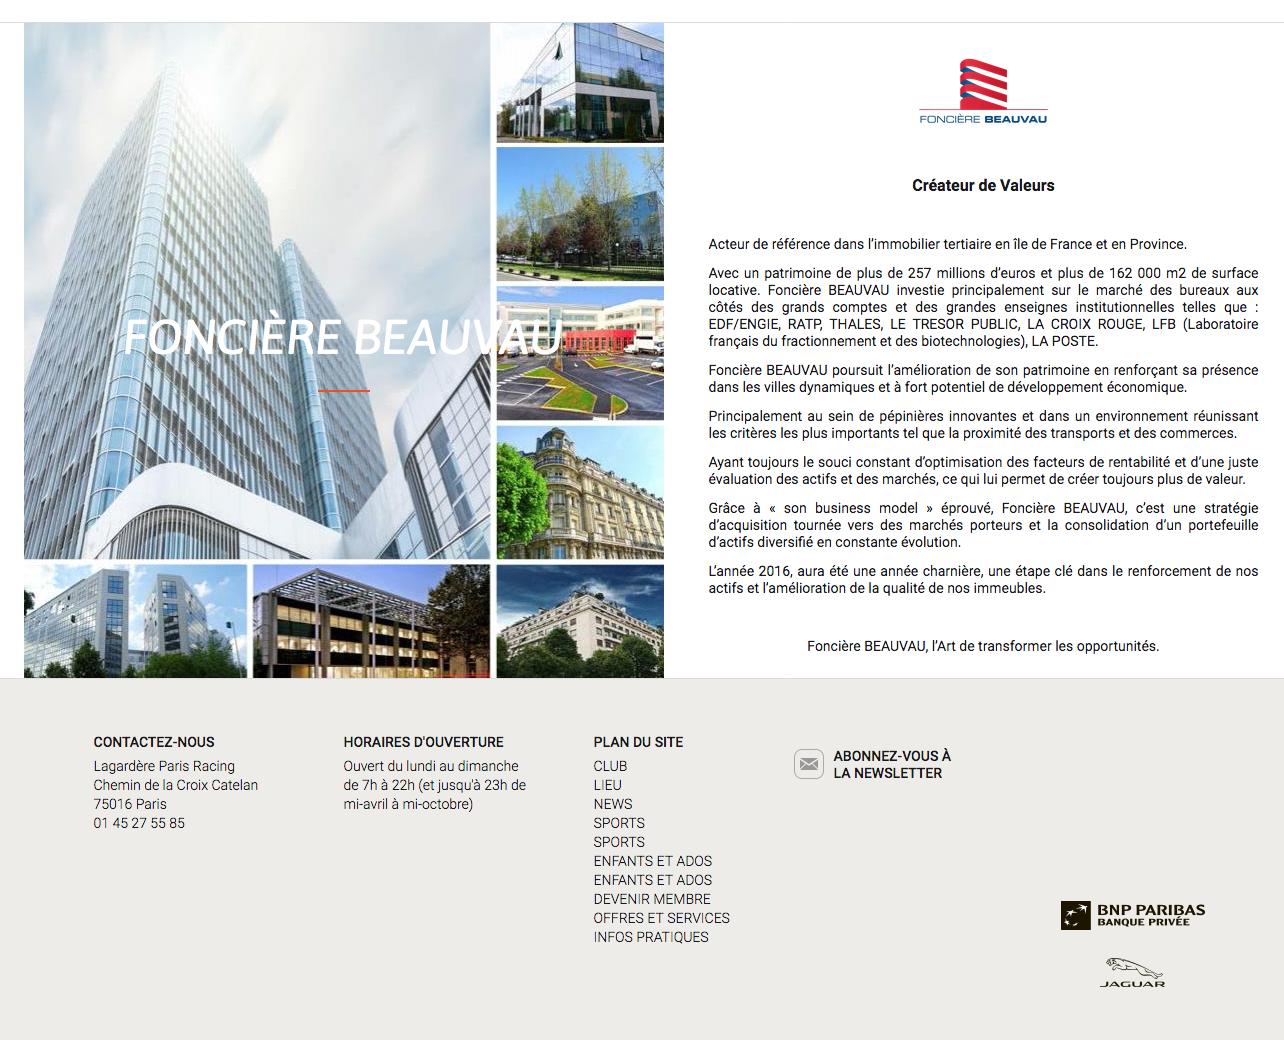 Publicité Partenaires Lagardère